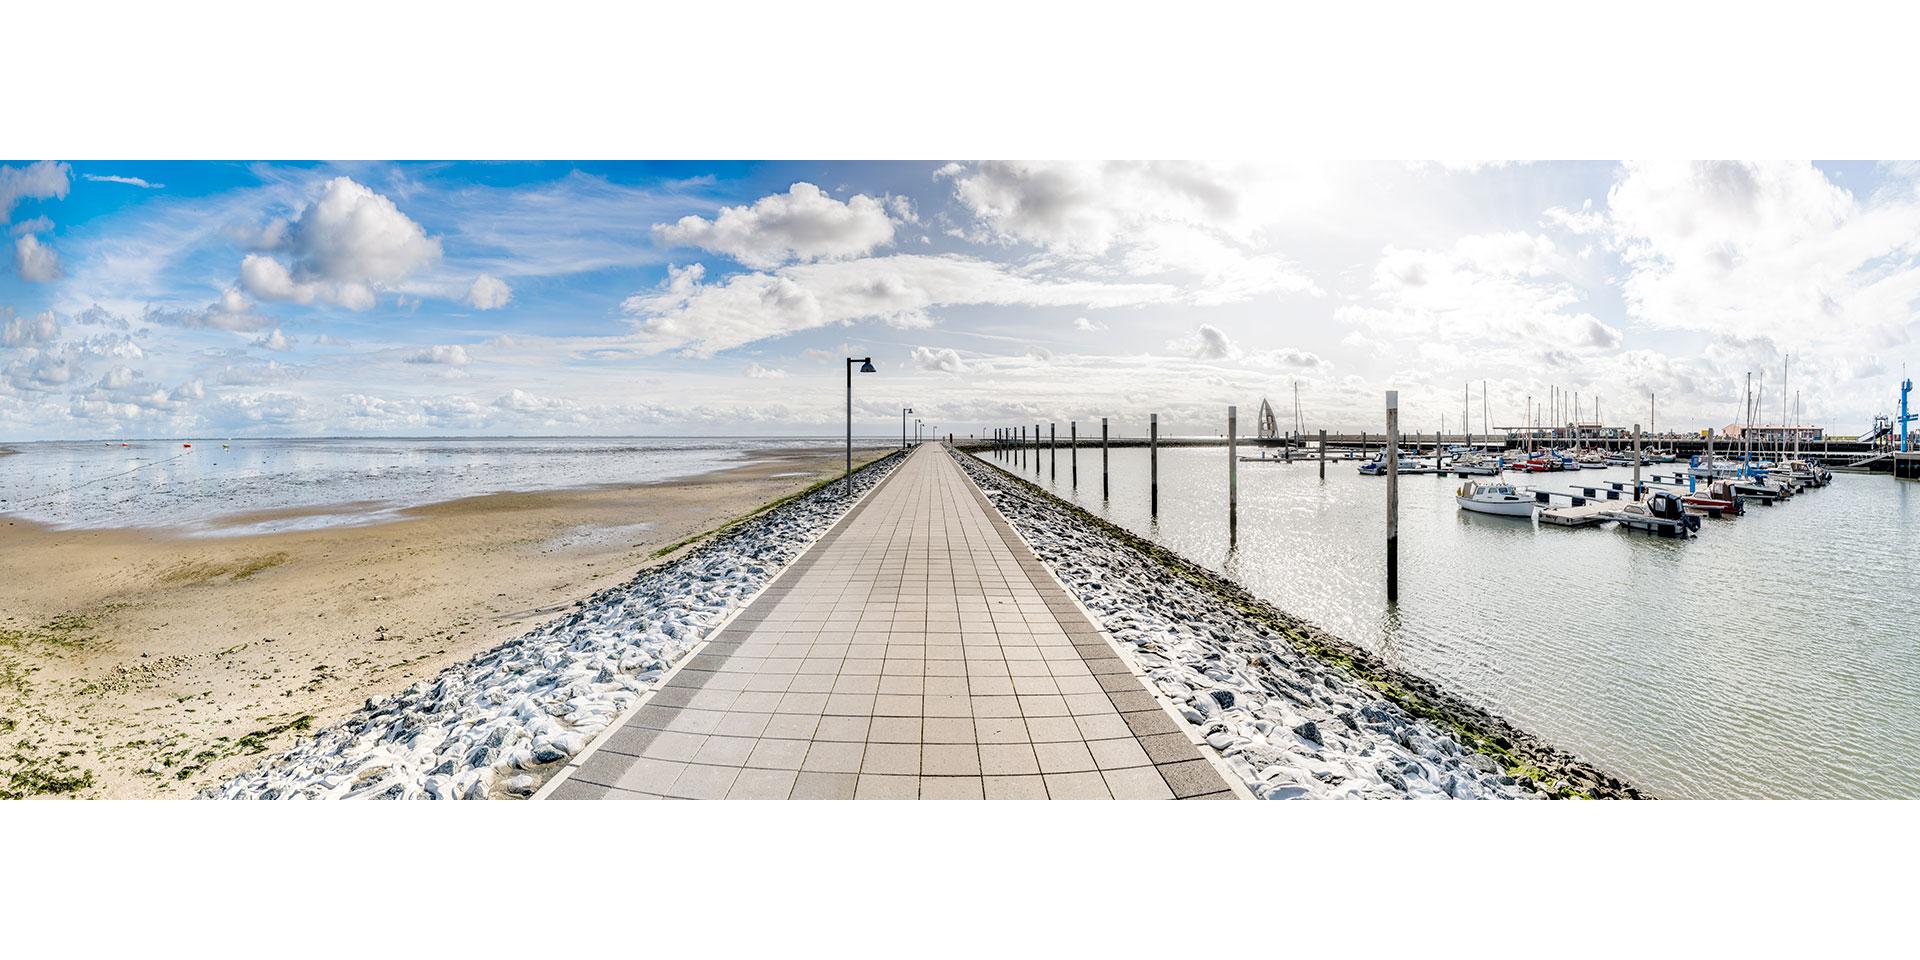 Juist Hafen - Nordsee - Deutschland